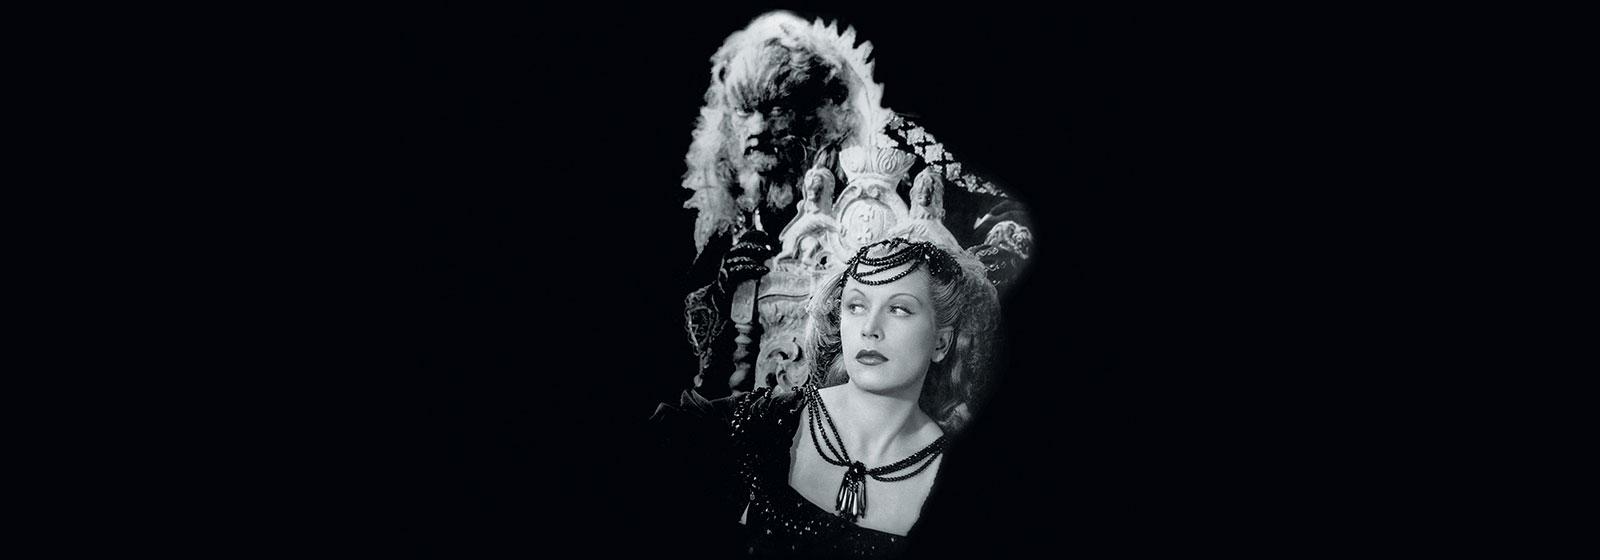 """""""JEAN COCTEAU: O TESTAMENTO DE UM POETA"""" retrospectiva da obra cinematográfica de Jean Cocteau (1889 – 1963), acontece no CCBB-SP, entre os dias 01 e 26 de março"""